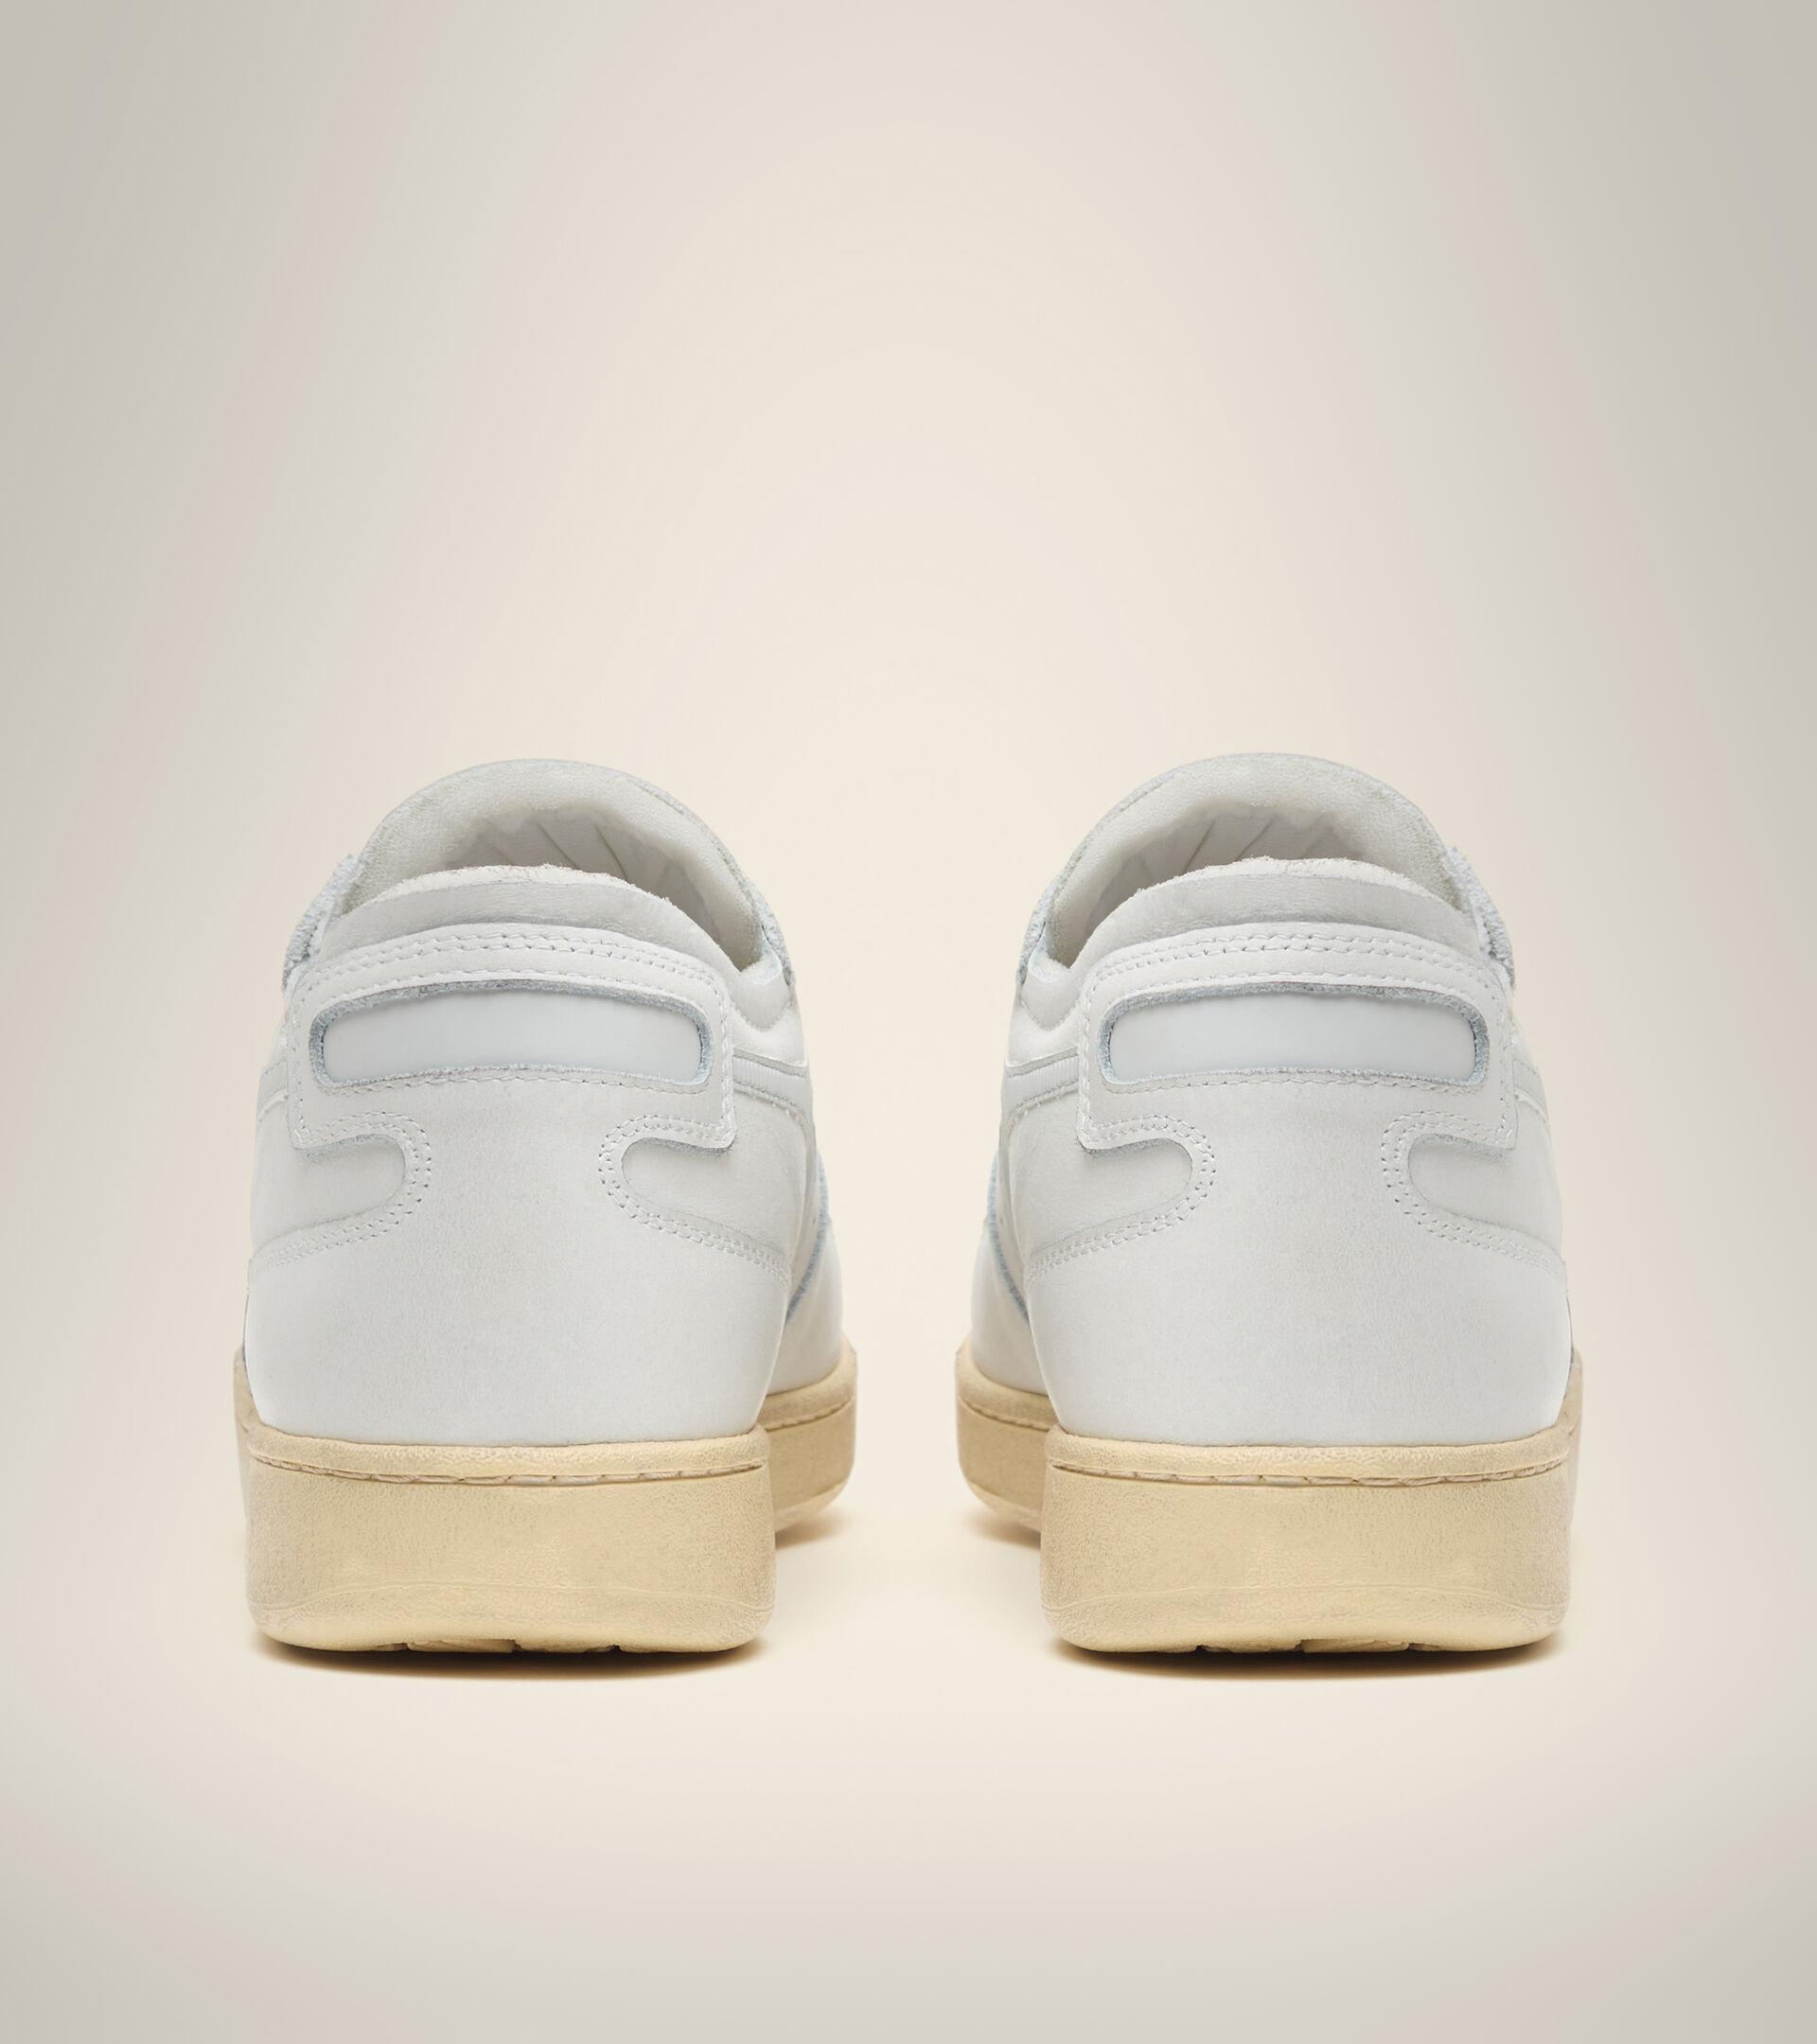 Footwear Heritage UNISEX MI BASKET ROW CUT WHITE/DAWN BLUE Diadora